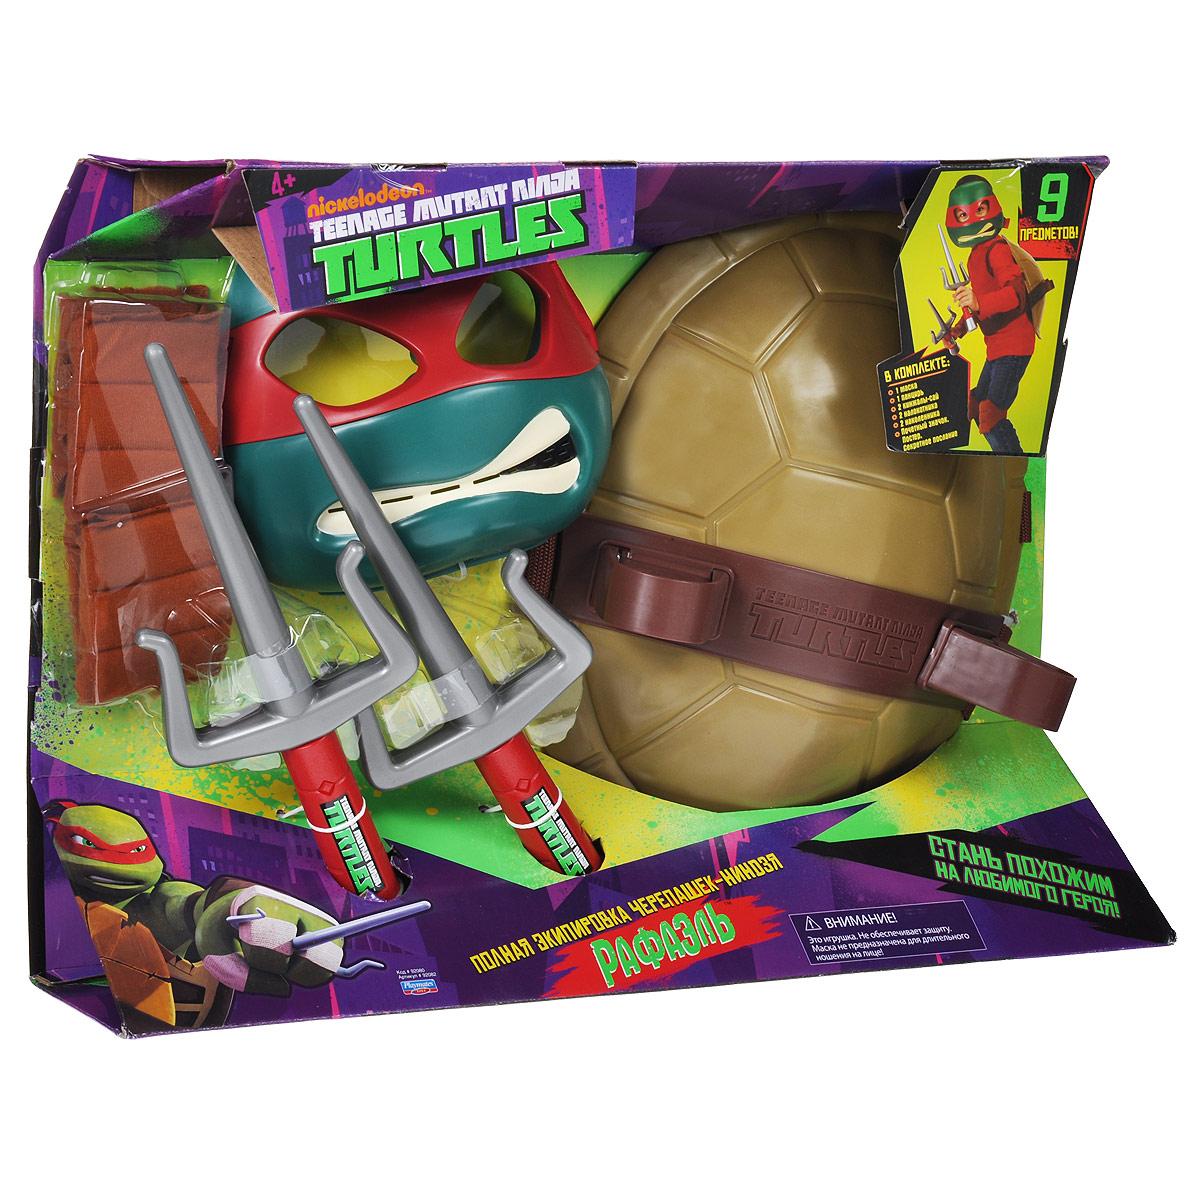 Игровой набор Turtles Боевое снаряжение Черепашки-Ниндзя: Рафаэль, 11 предметов игровой набор turtles боевое снаряжение черепашки ниндзя микеланджело 4 предмета